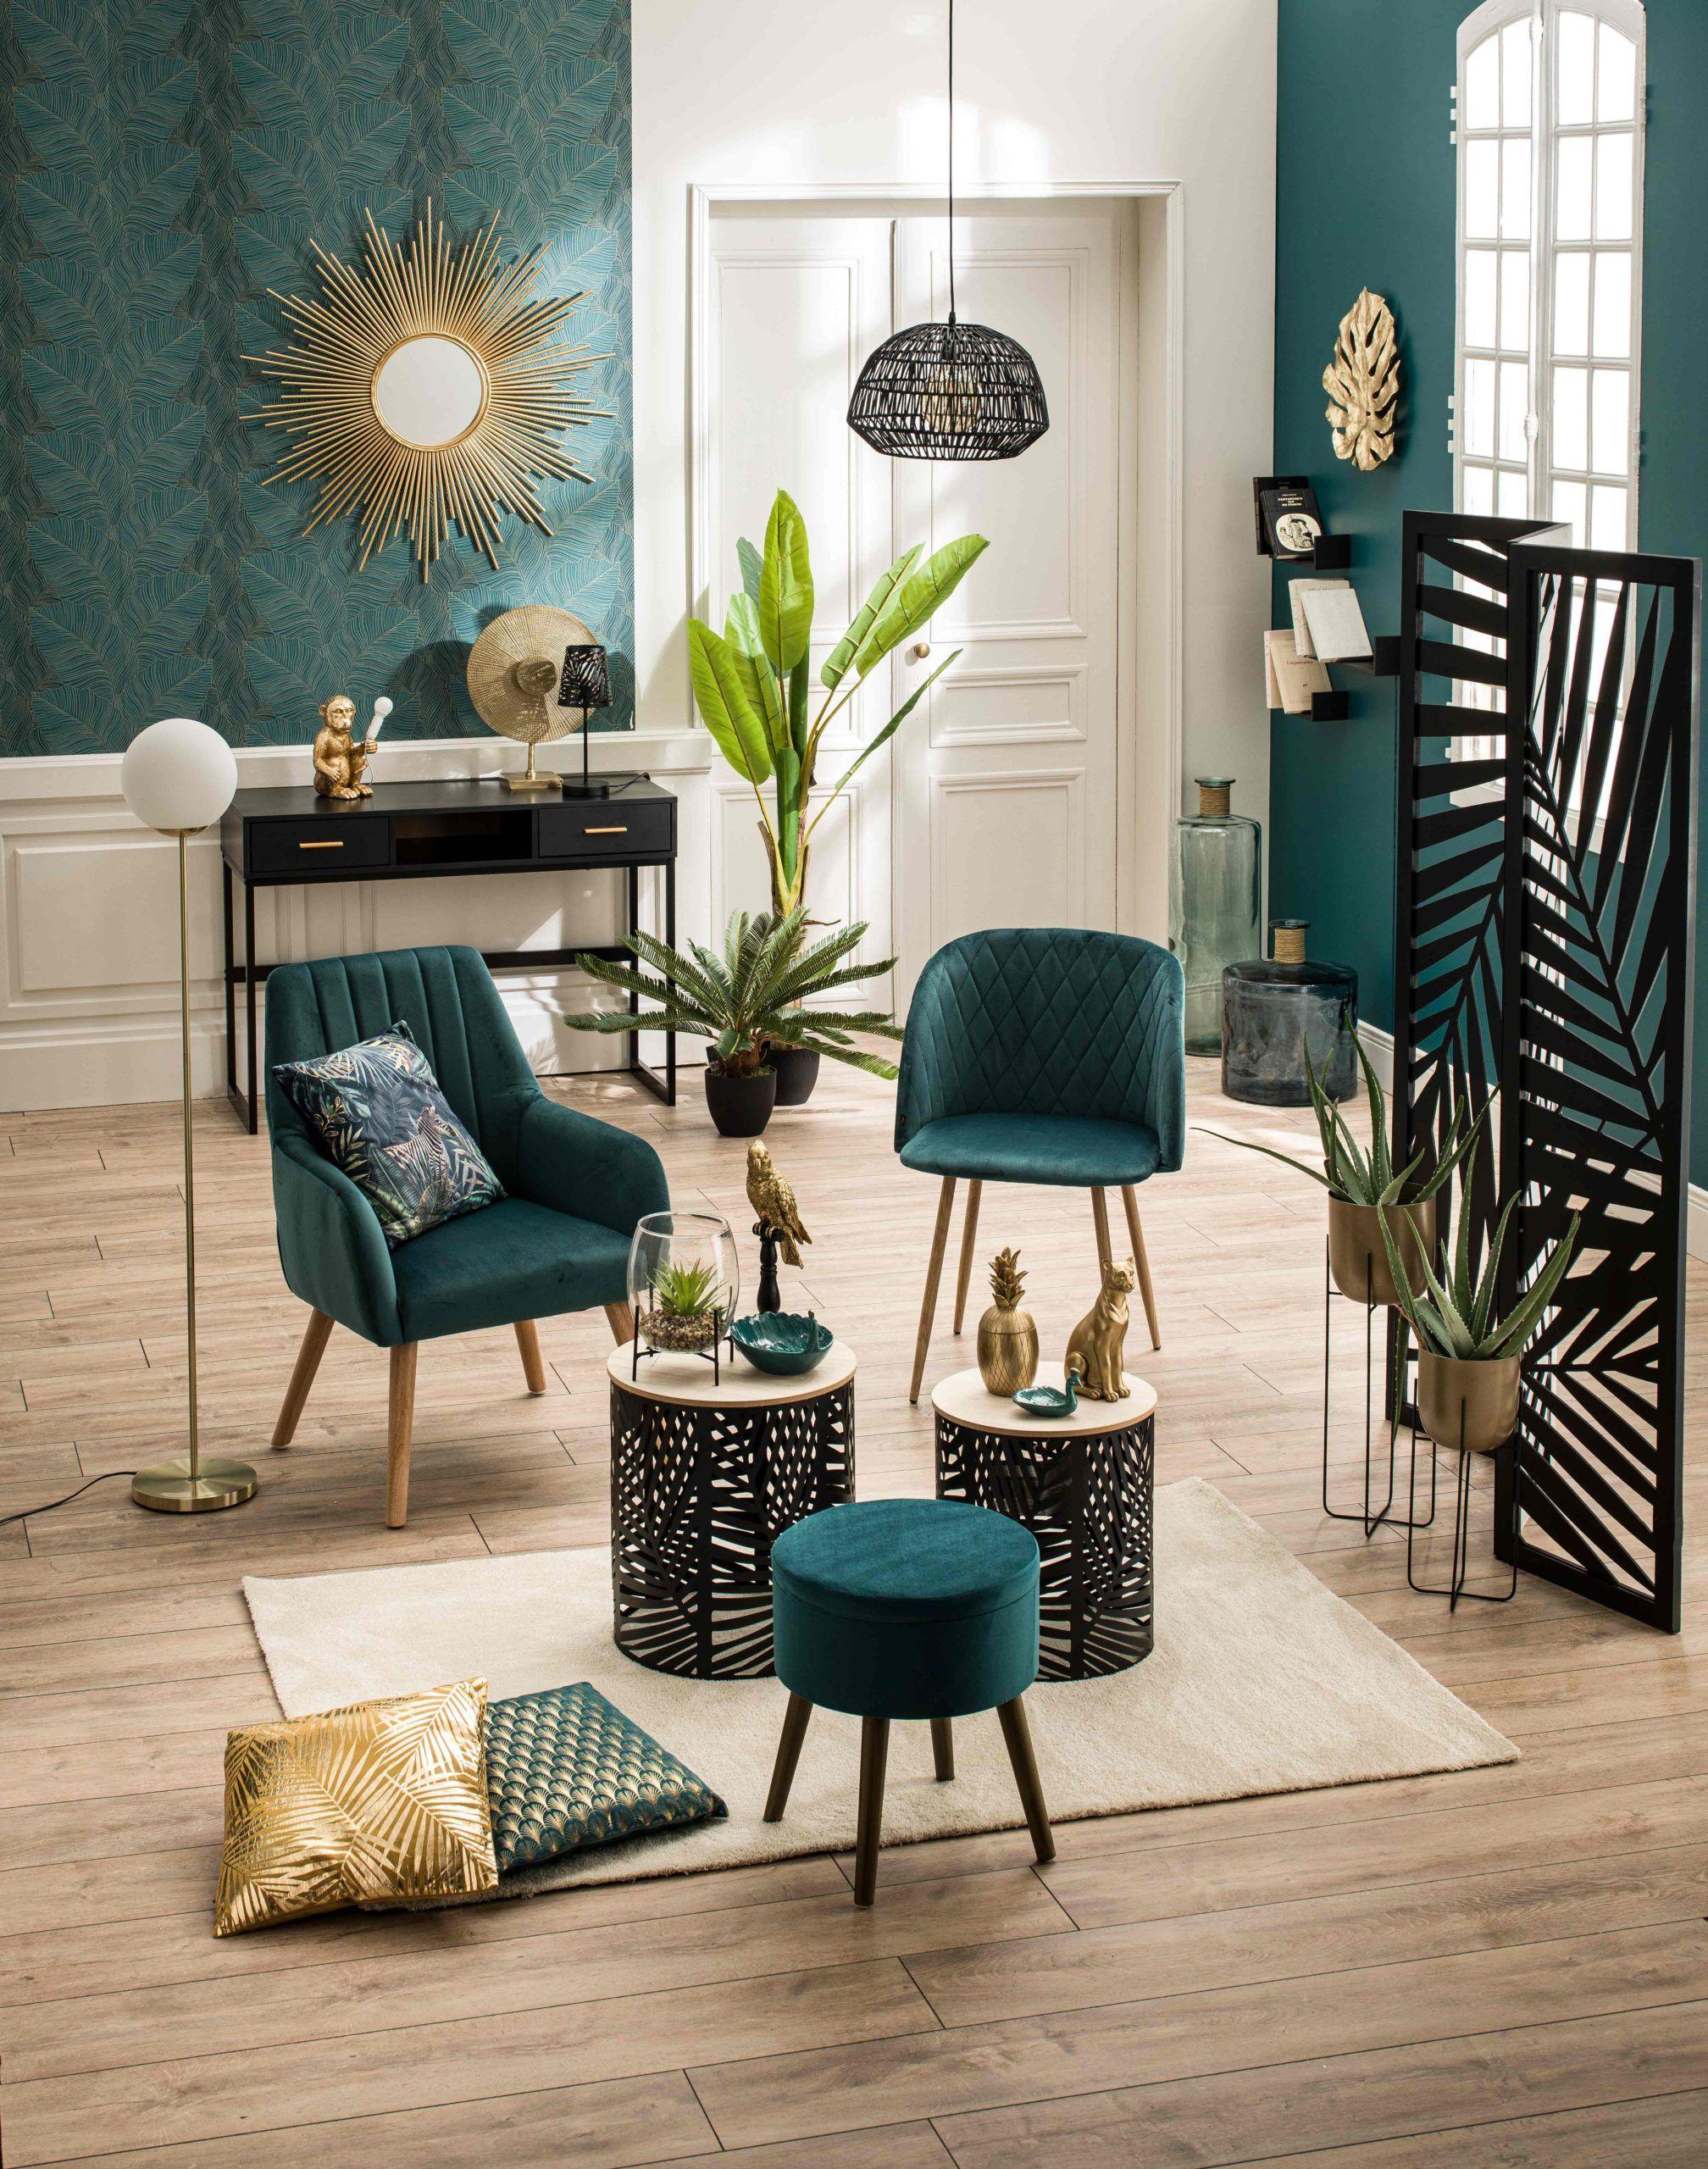 Jungle Chic Wohnzimmer Dekoration in 2020 | Turquoise ...